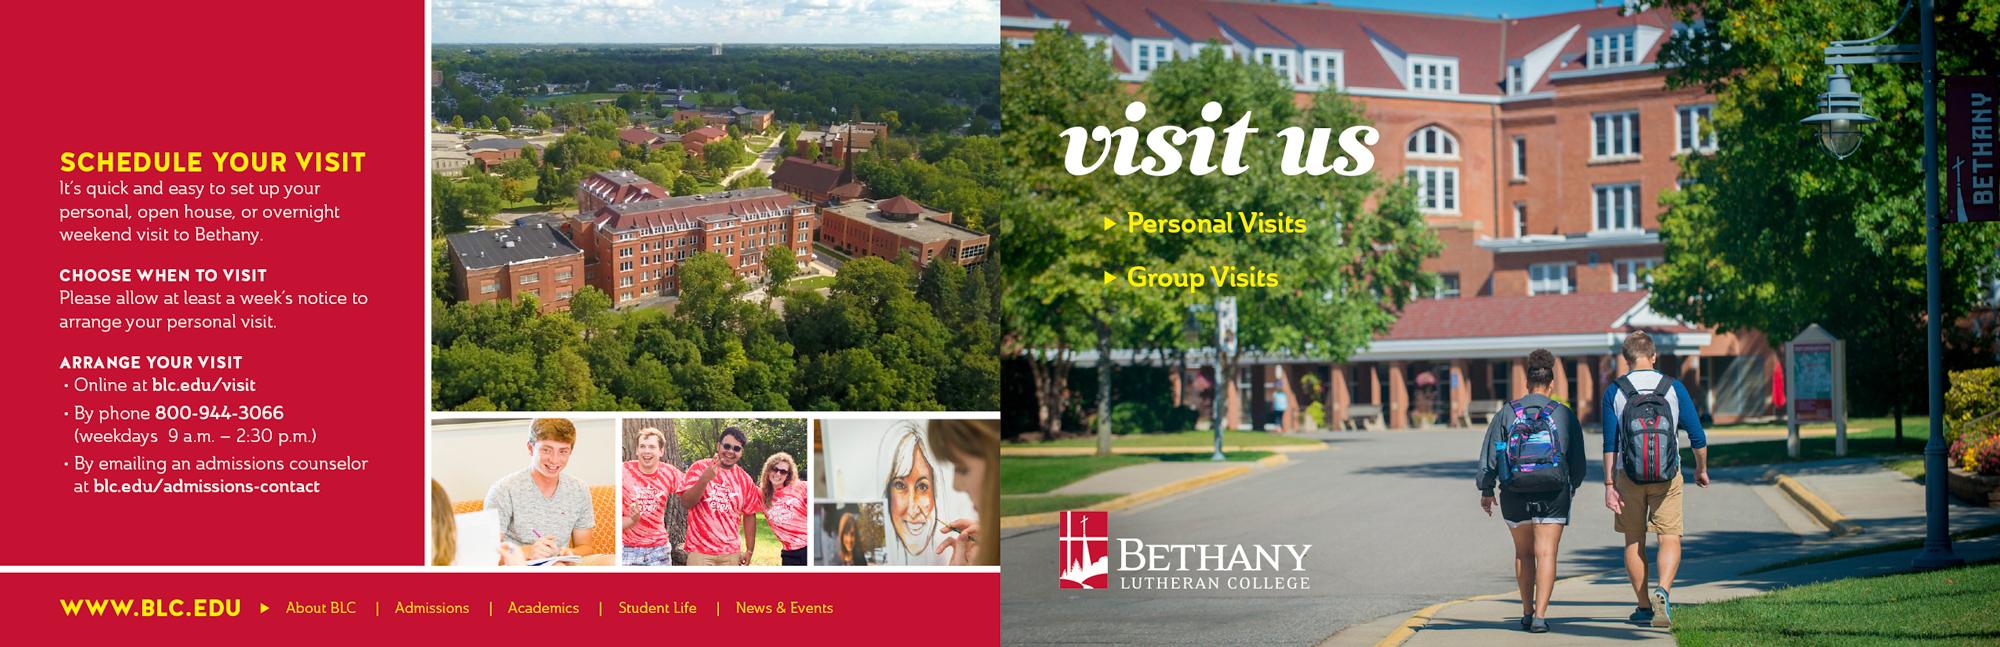 campus visit brochure